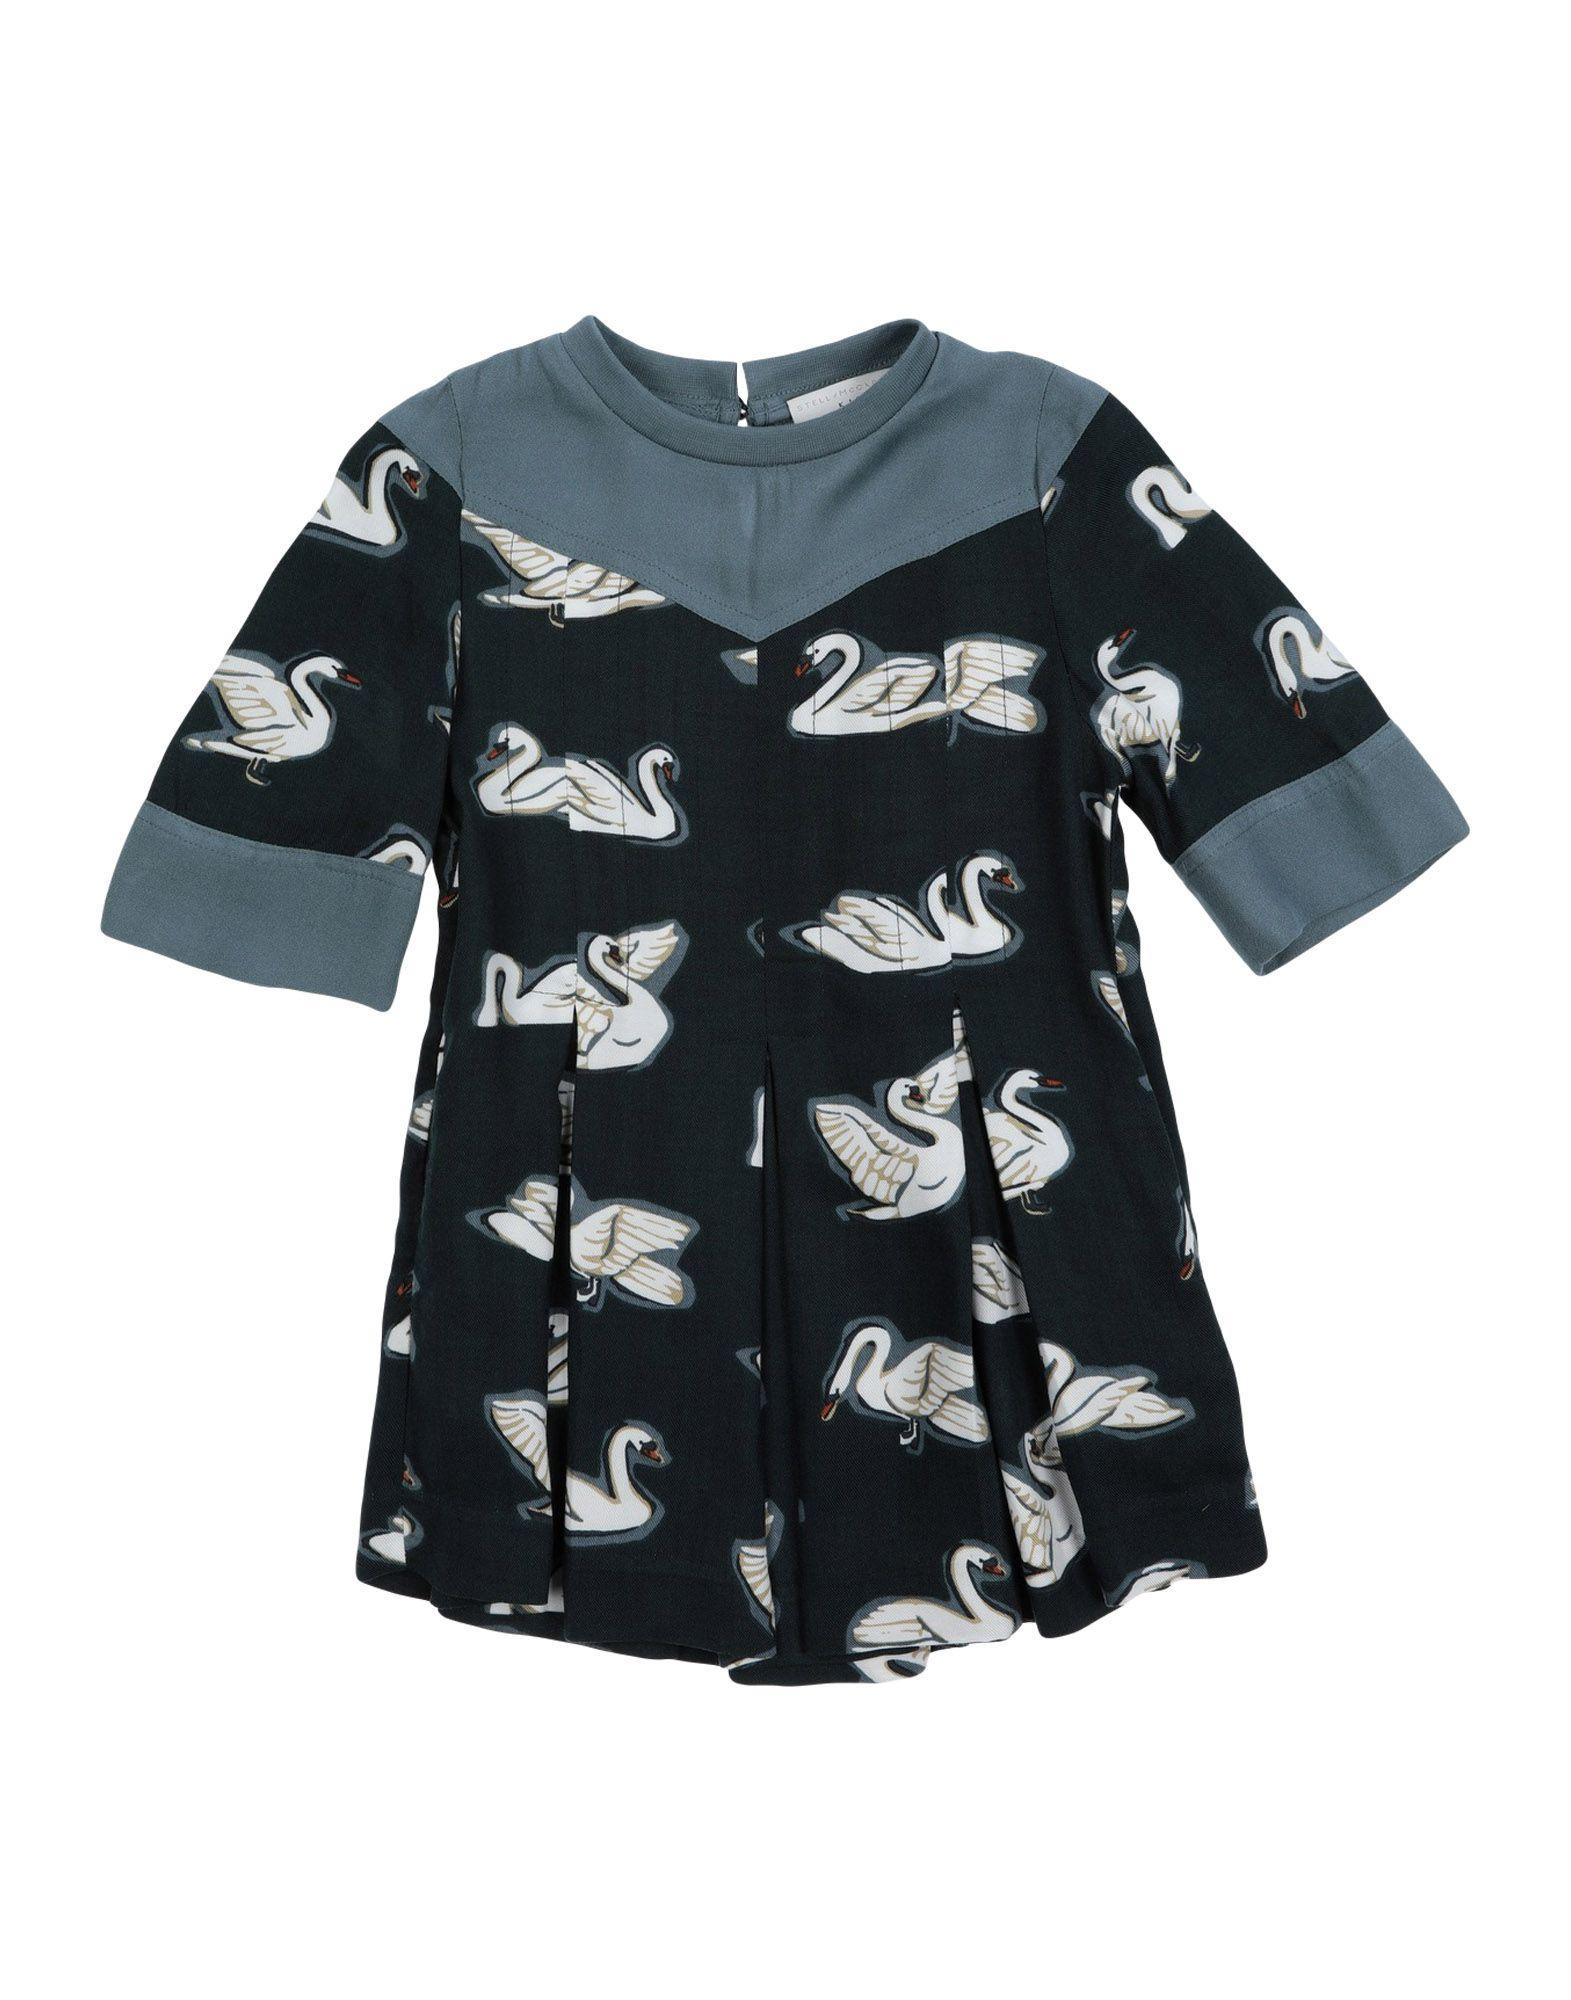 《送料無料》STELLA McCARTNEY KIDS ガールズ 0-24 ヶ月 ワンピース・ドレス ブルーグレー 24 レーヨン 100% / コットン / ポリウレタン